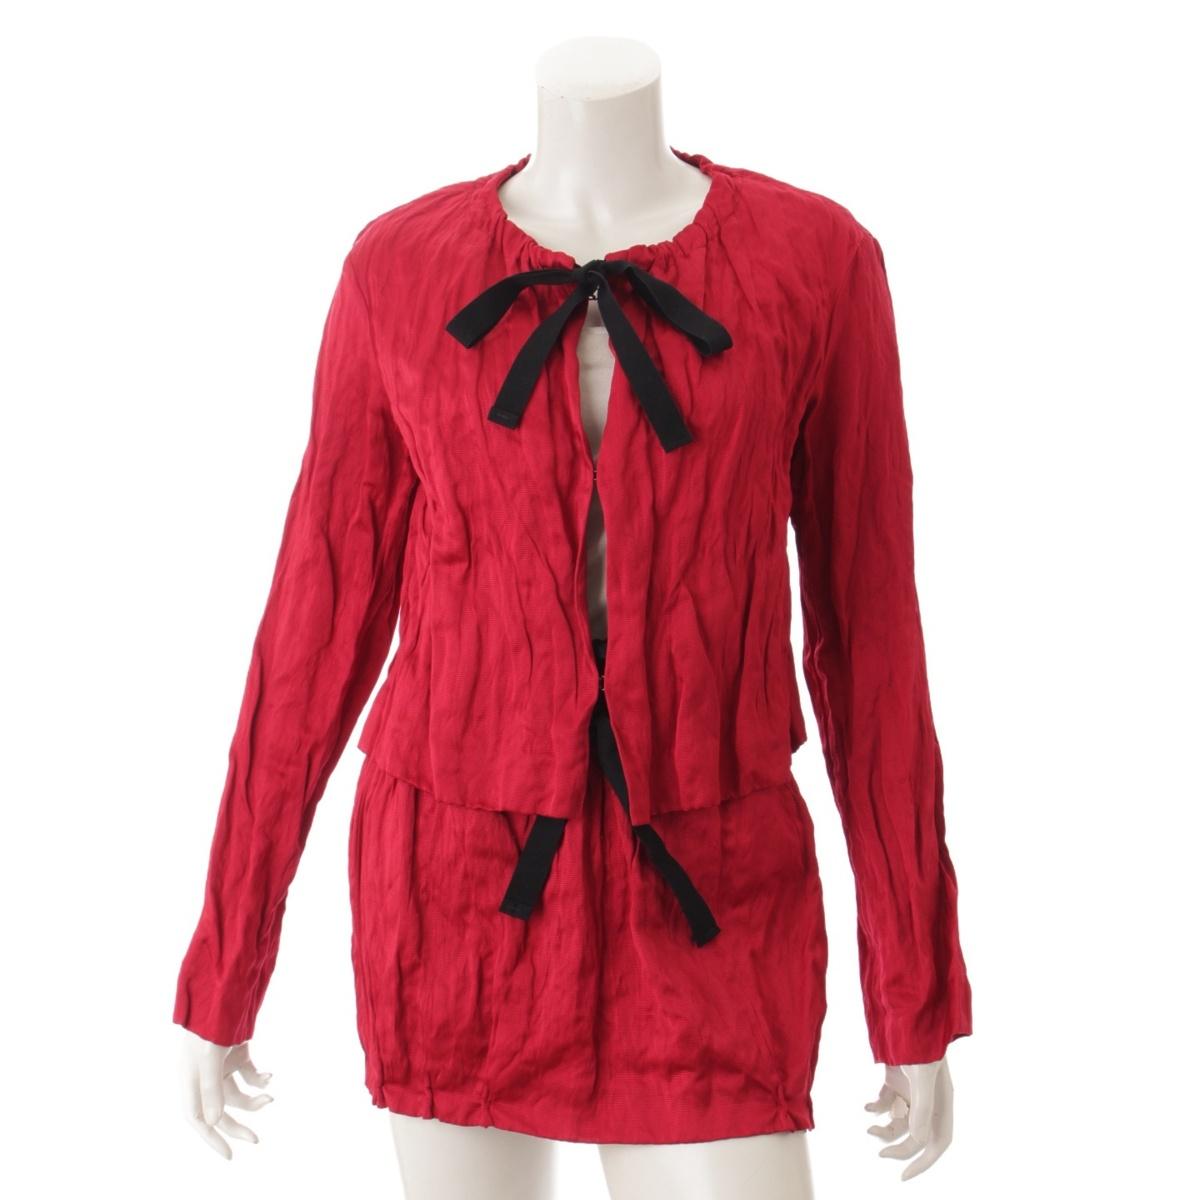 【プラダ】Prada シルク混 ジャケット スカート セットアップ レッド 40 36 【中古】【鑑定済・正規品保証】52687